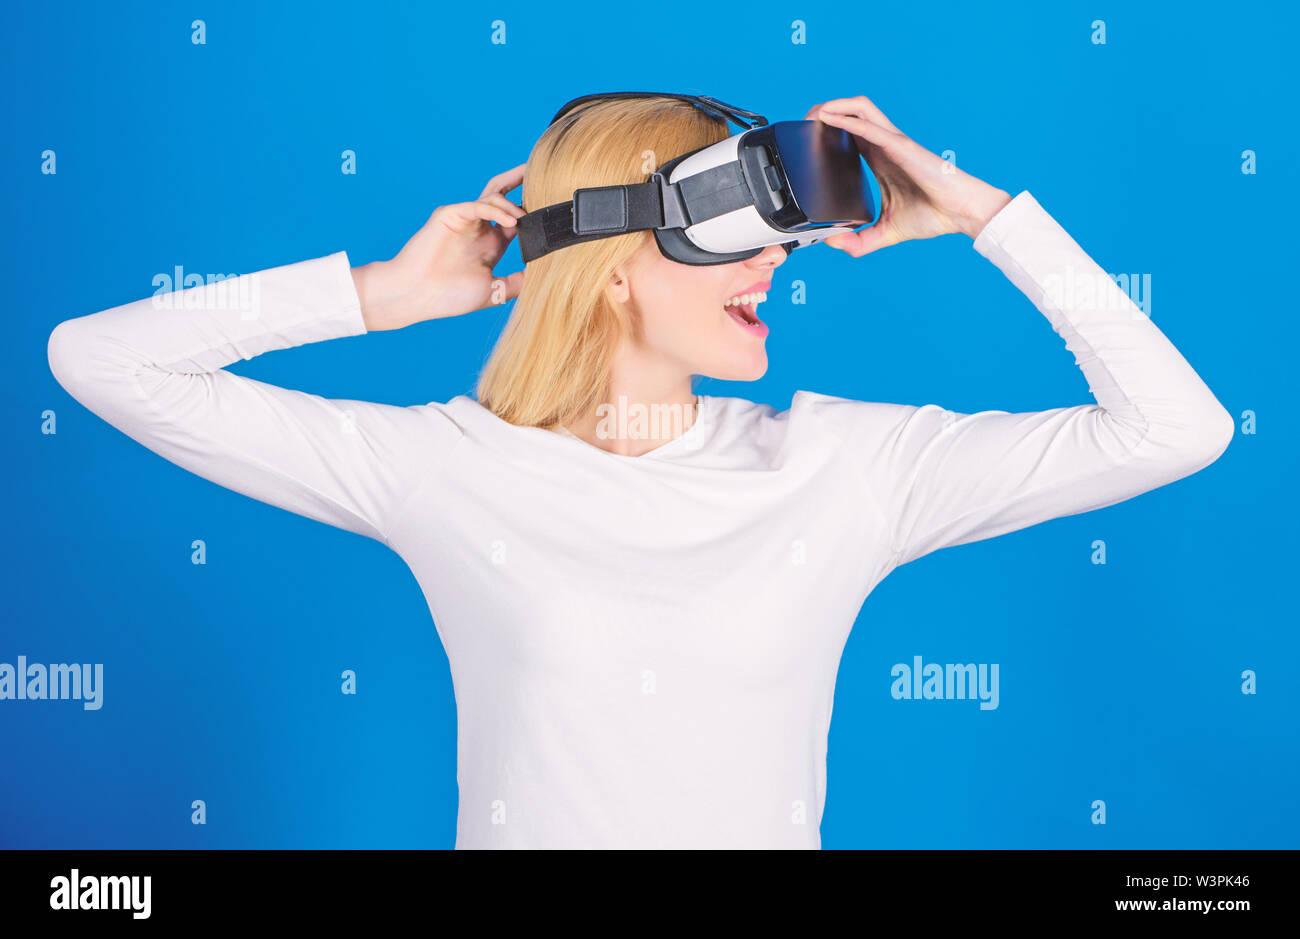 Femme à l'aide de casque de réalité virtuelle. Portrait de jeune femme portant des lunettes VR, faire l'expérience de la réalité virtuelle en 3d à l'aide de casque. La femme avec des lunettes Photo Stock